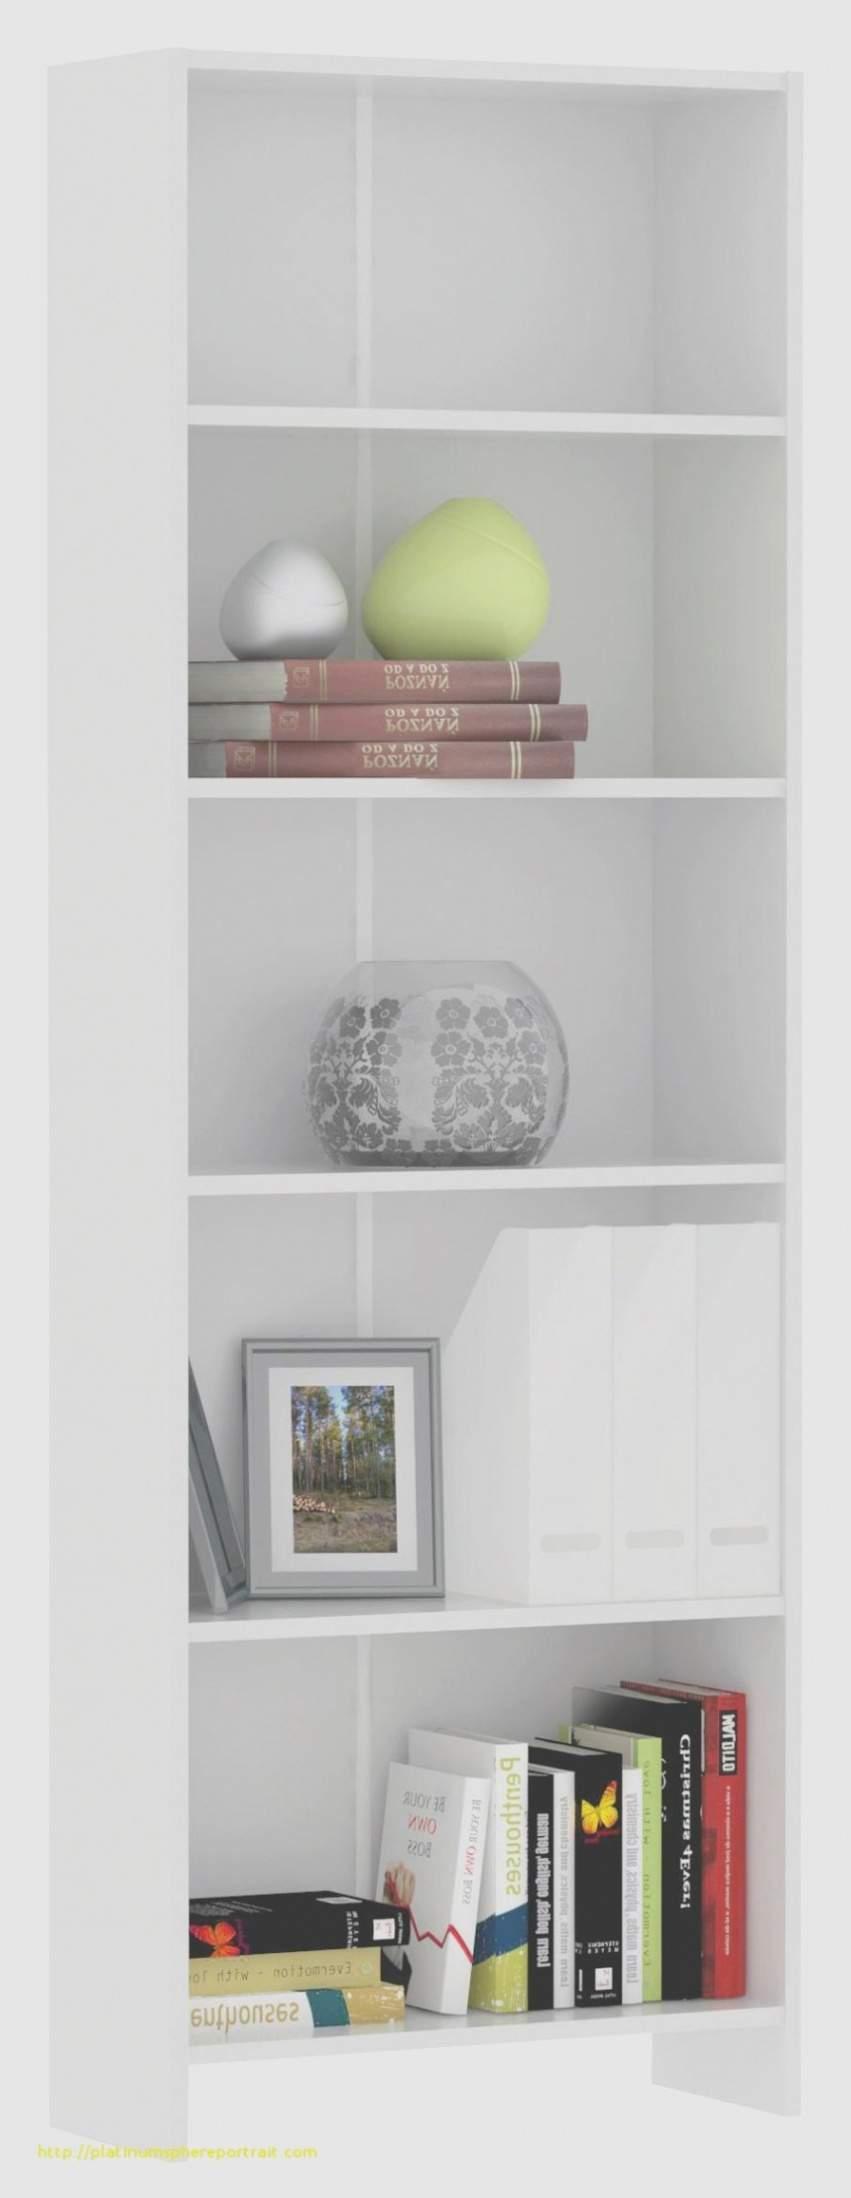 gemutliche wohnzimmer farben genial gemutliches wohnzimmer modern waket wohnkultur of gemutliche wohnzimmer farben